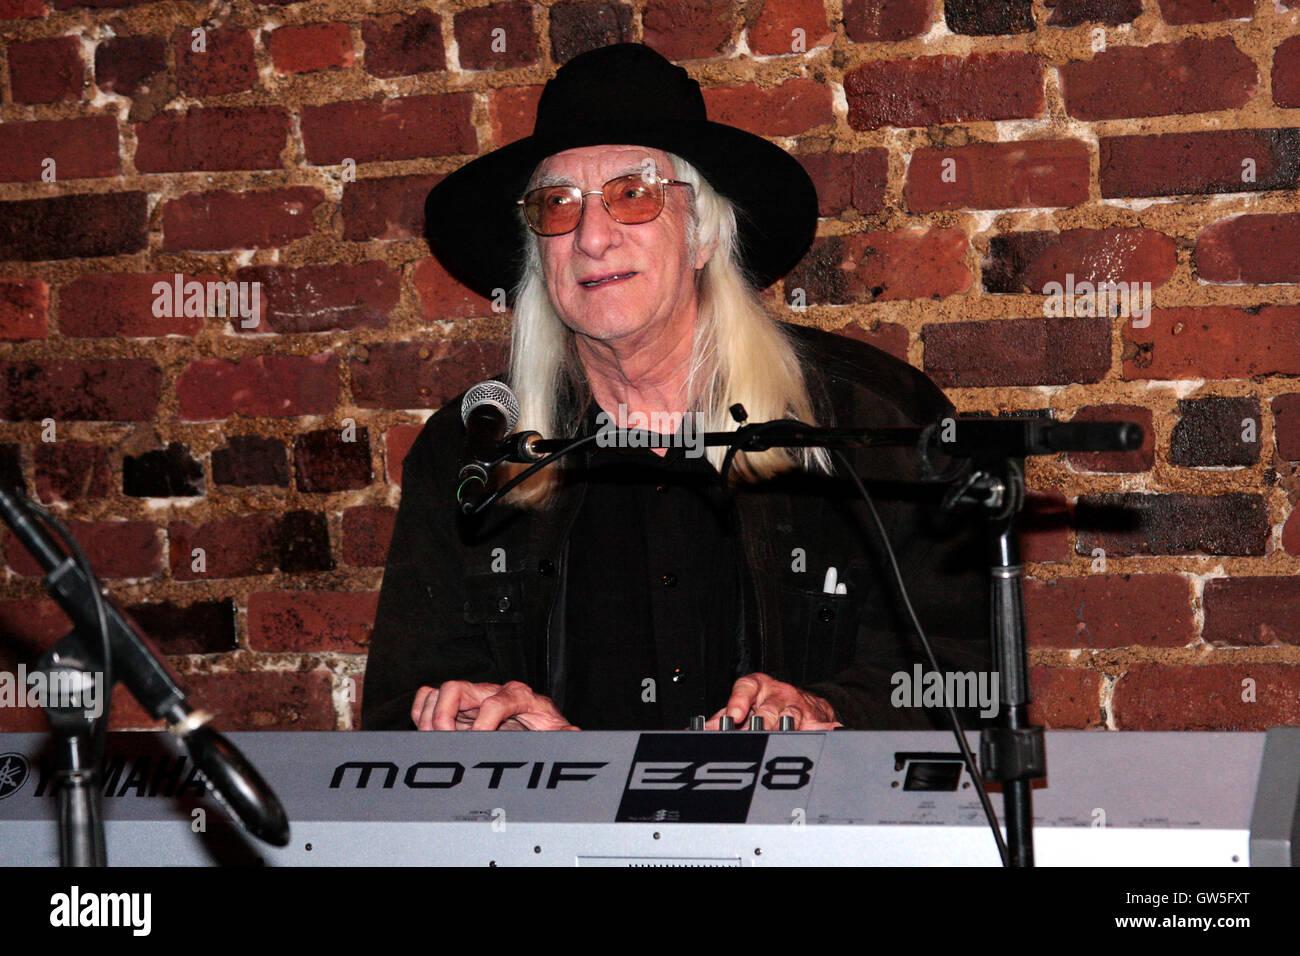 former grateful dead keyboardist tom constanten stock photo 118750880 alamy. Black Bedroom Furniture Sets. Home Design Ideas